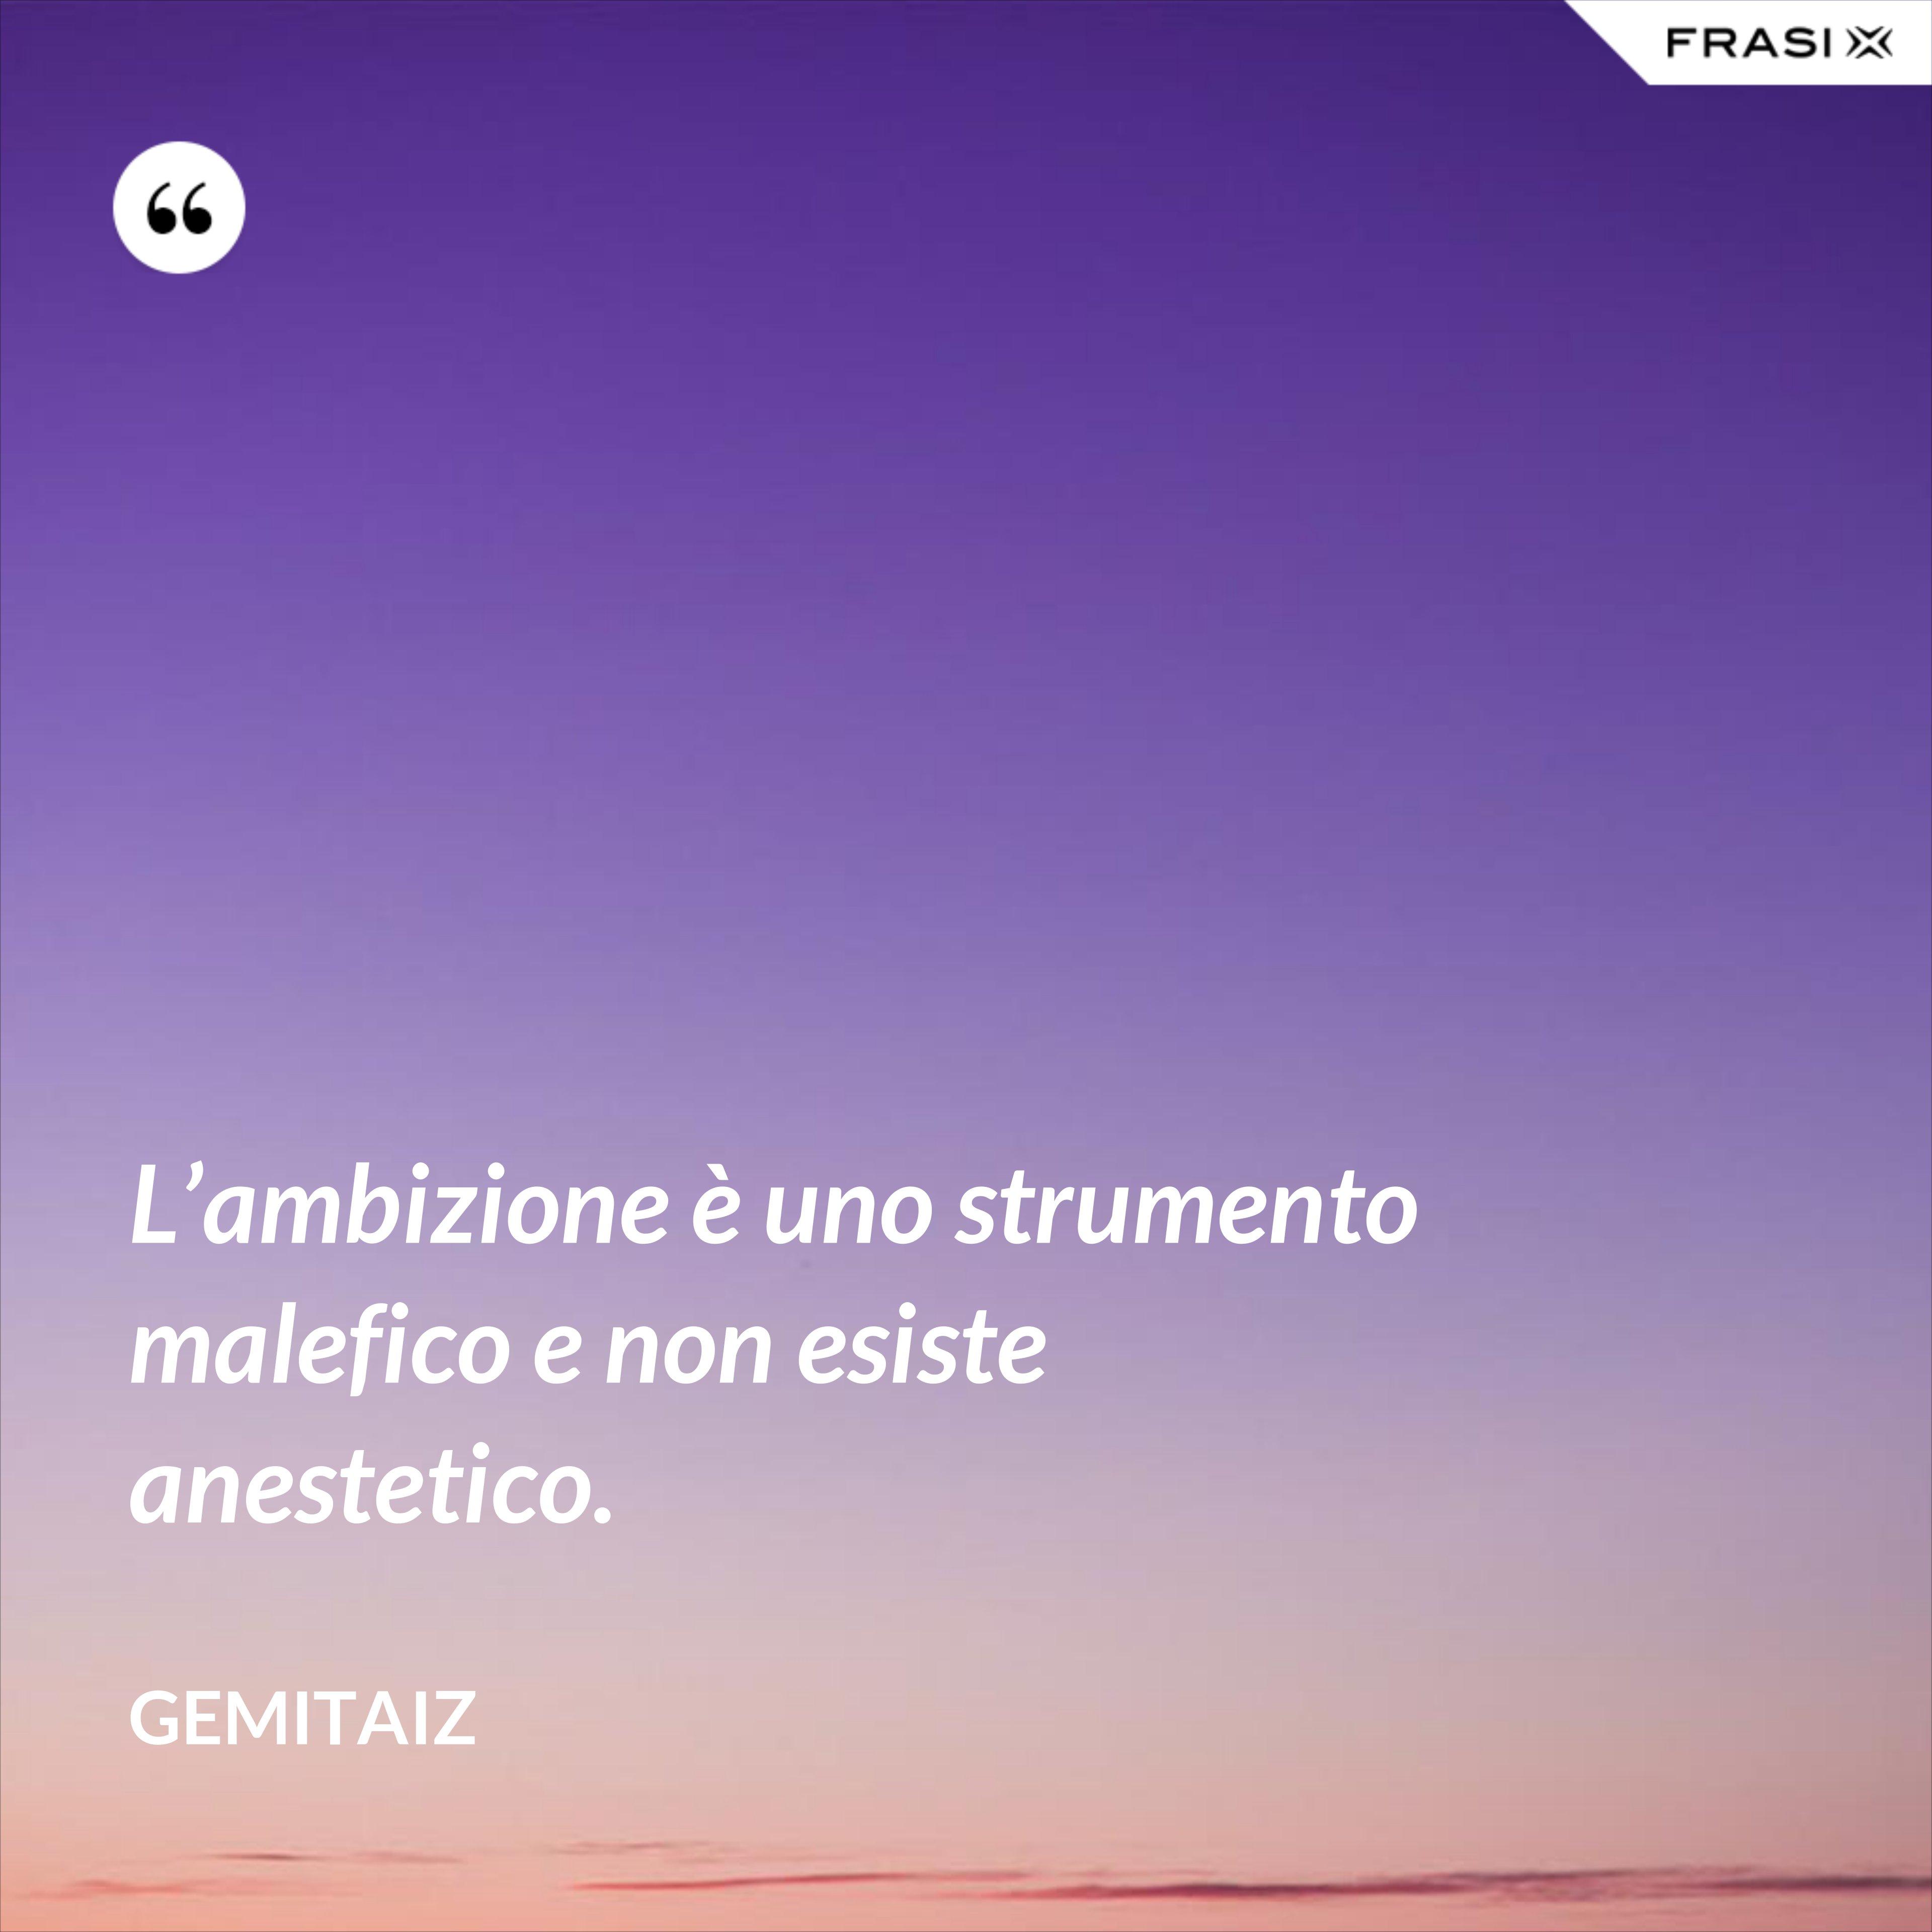 L'ambizione è uno strumento malefico e non esiste anestetico. - Gemitaiz